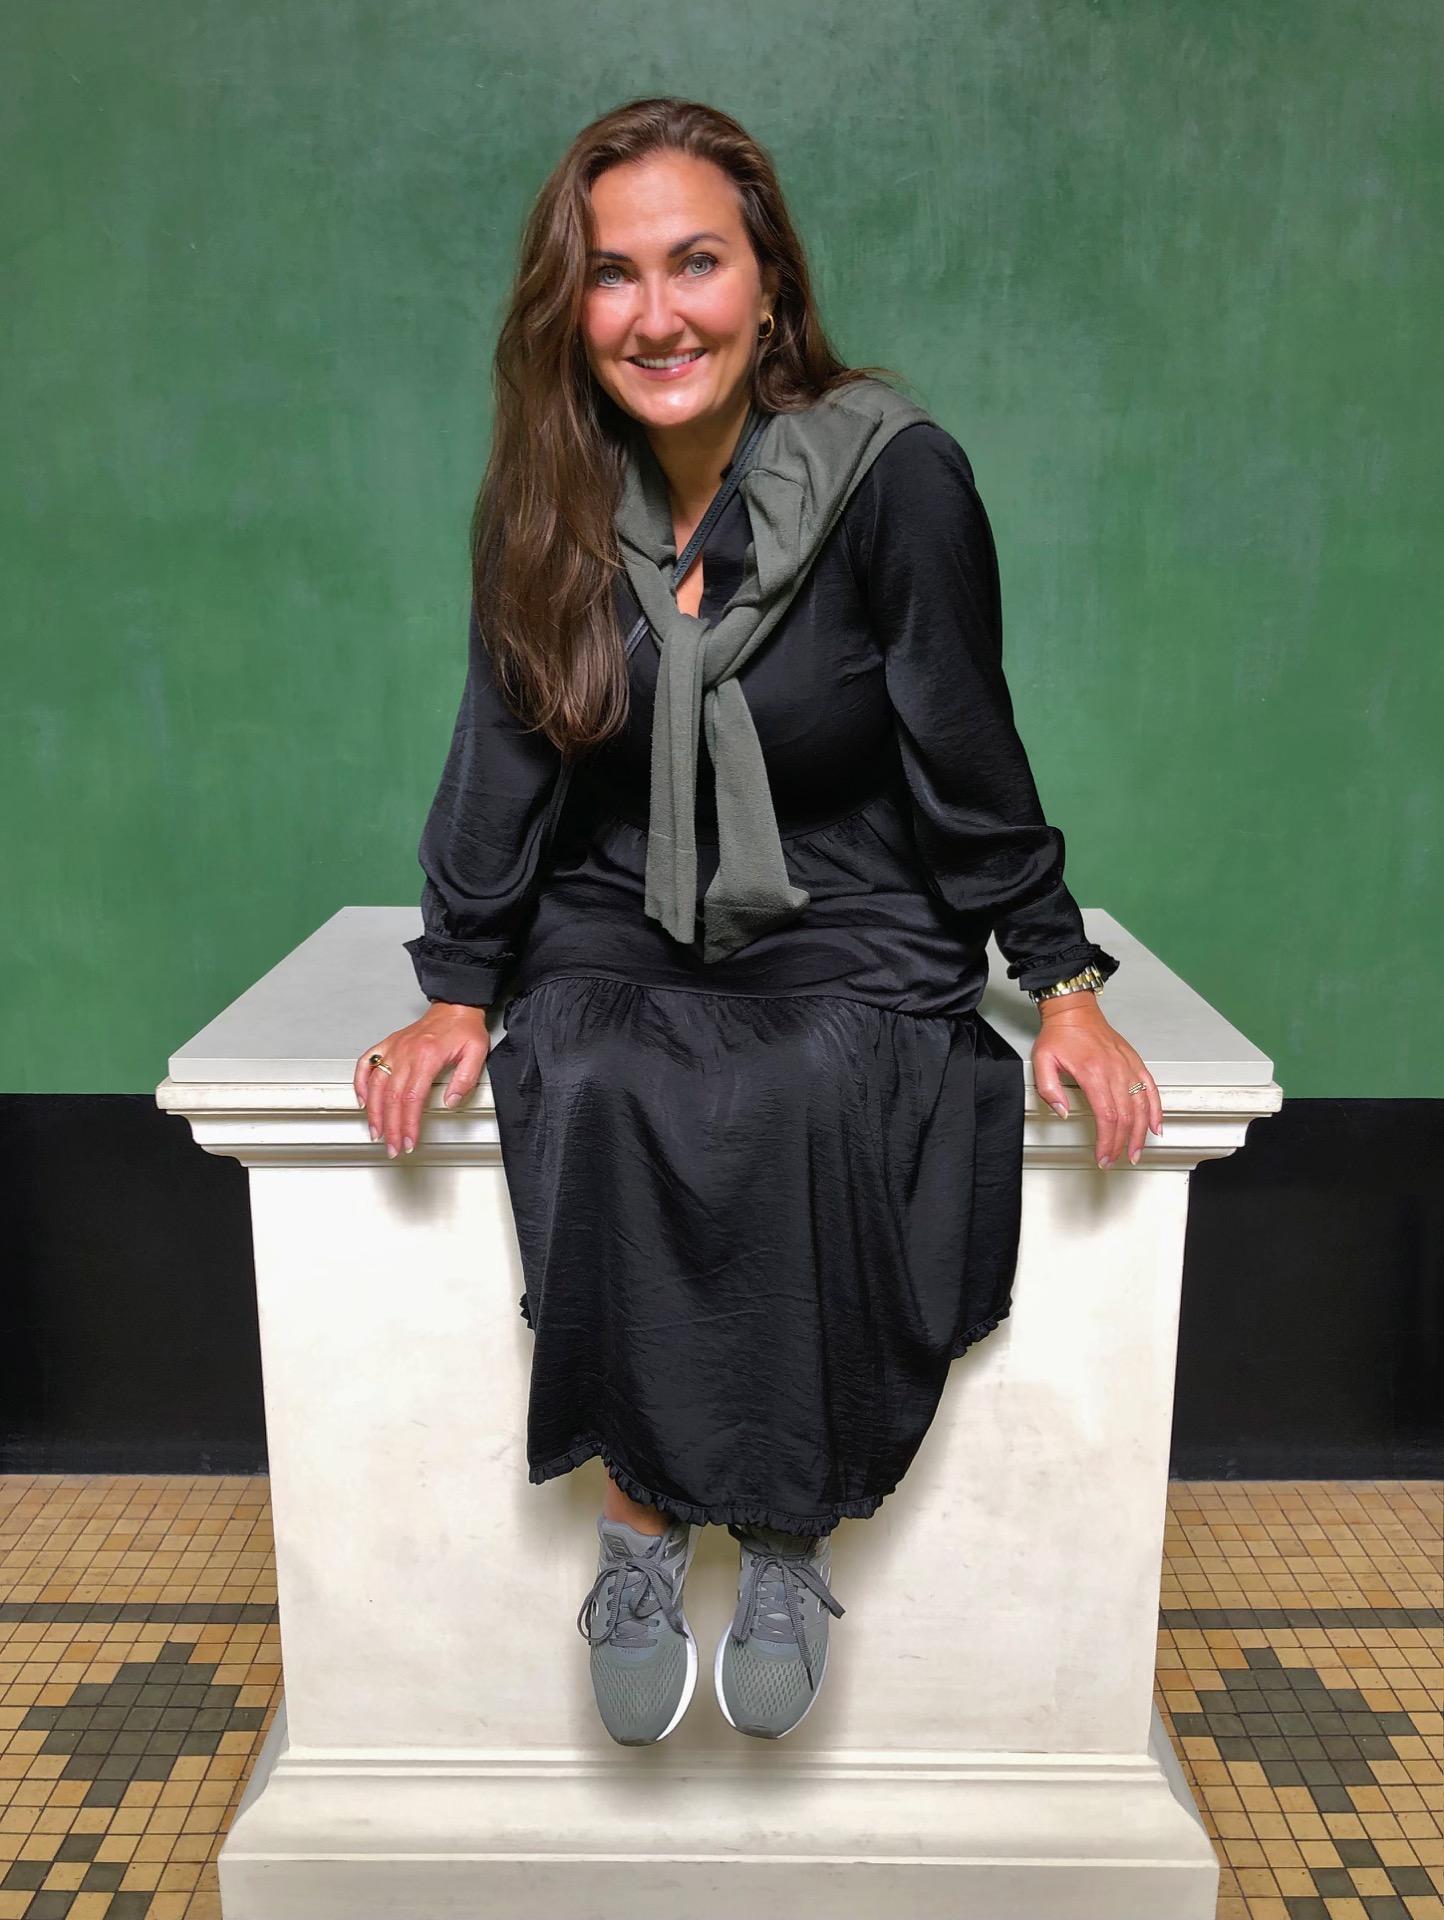 Mona Nygaard